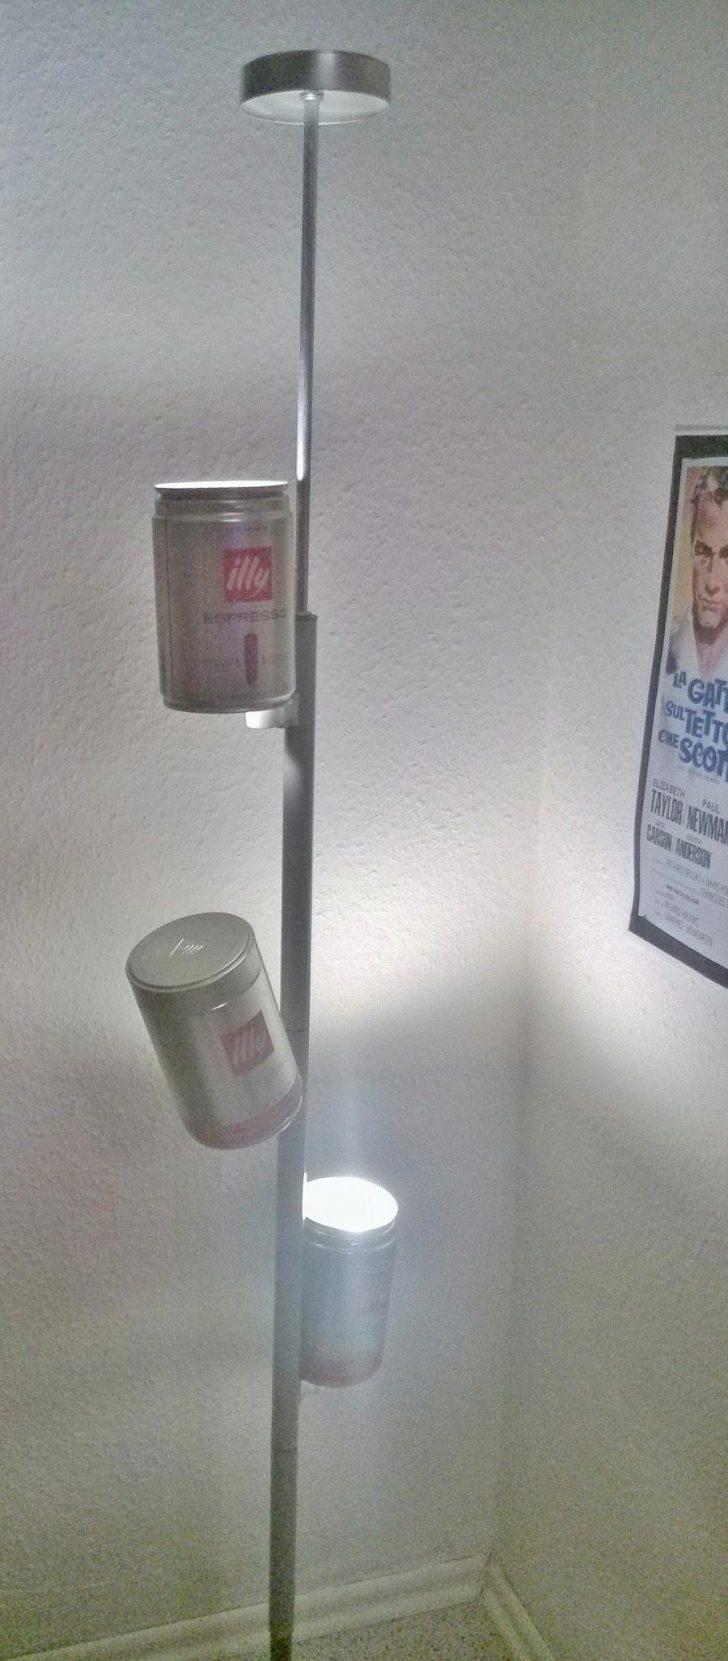 Medium Size of Ikea Lampen Stehlampe Stehlampen Schweiz Dimmbar Papier Lampe Schirm Moderne Dimmen Neu Gestalten Frag Mutti Betten 160x200 Küche Kosten Miniküche Kaufen Wohnzimmer Stehlampen Ikea